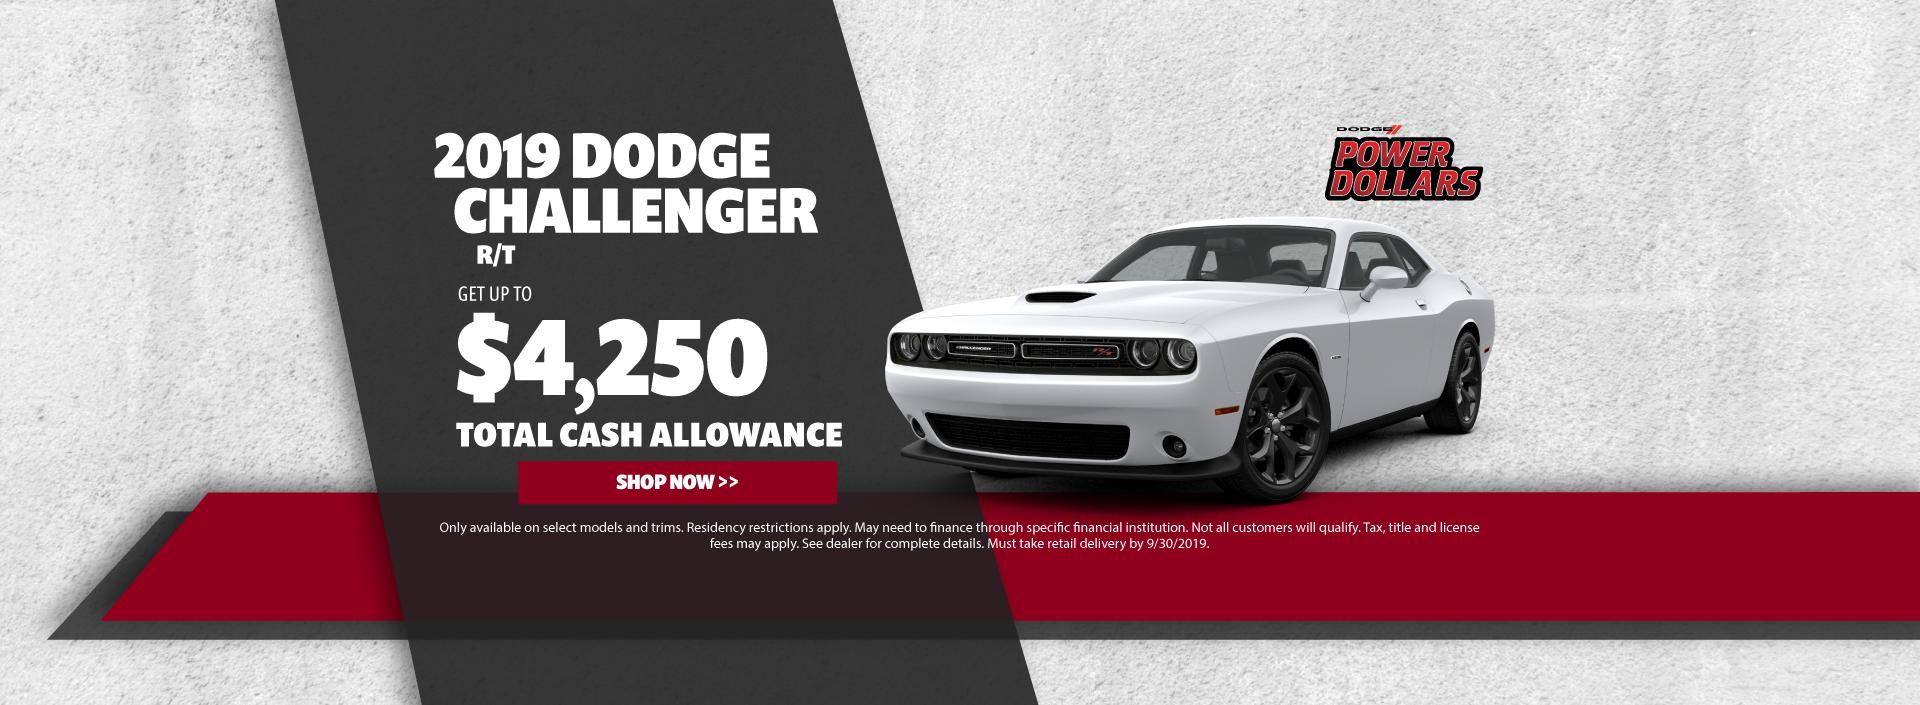 2019 Dodge Challenger Cash Offer